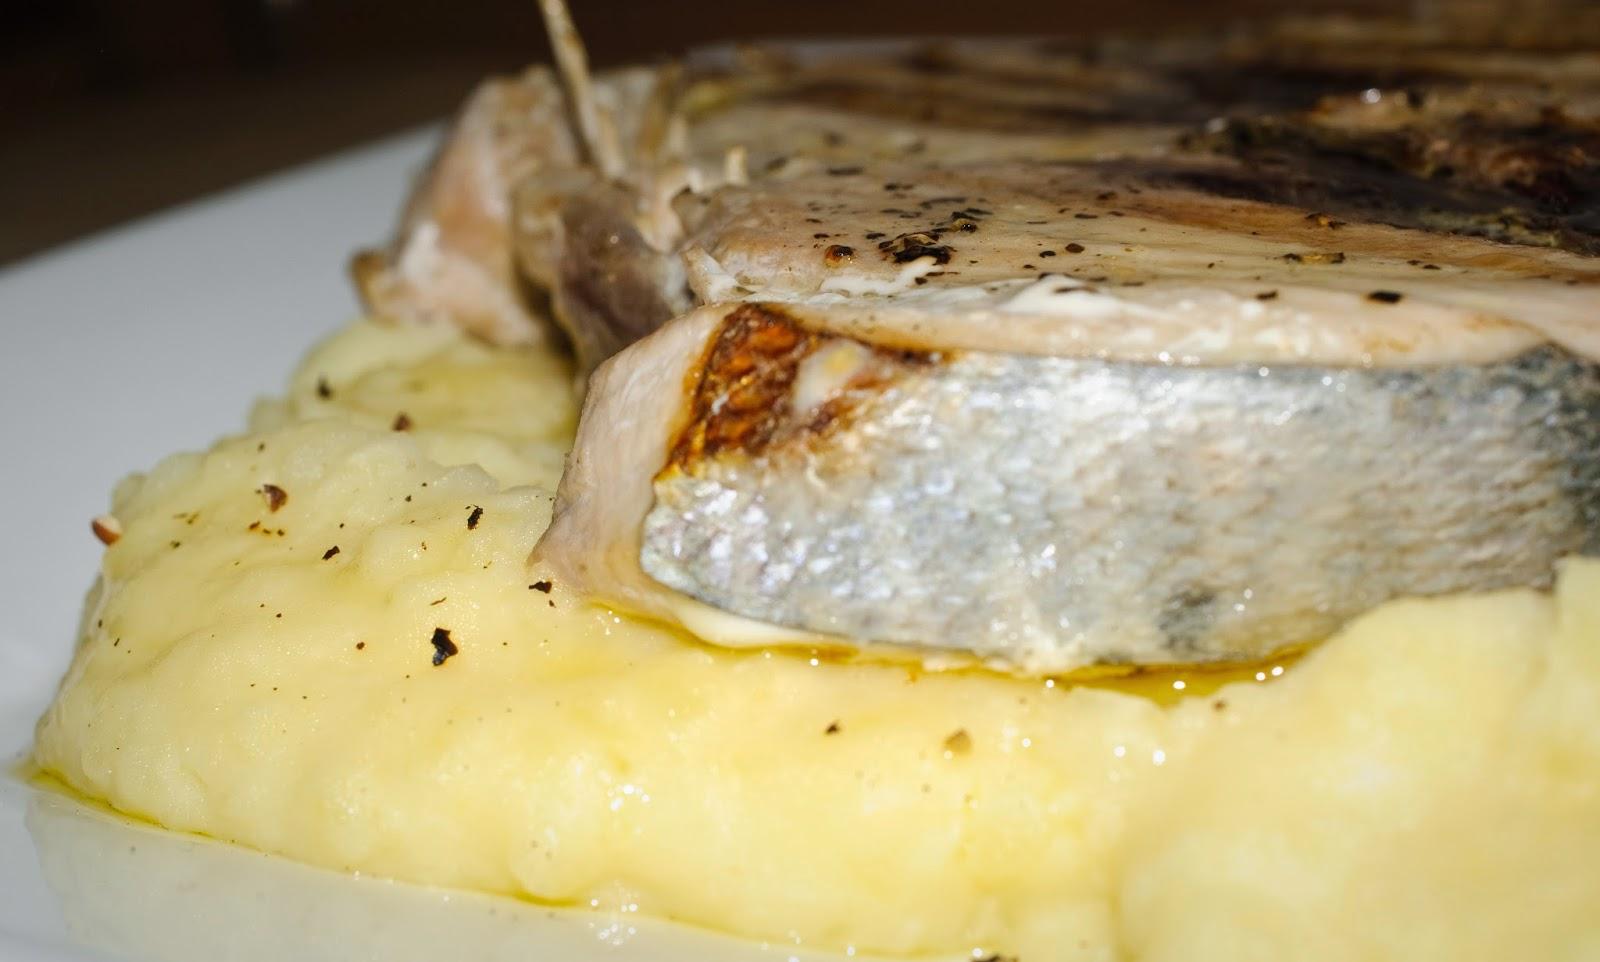 Bonito con puré de patata; Tuna and mashed potatoes